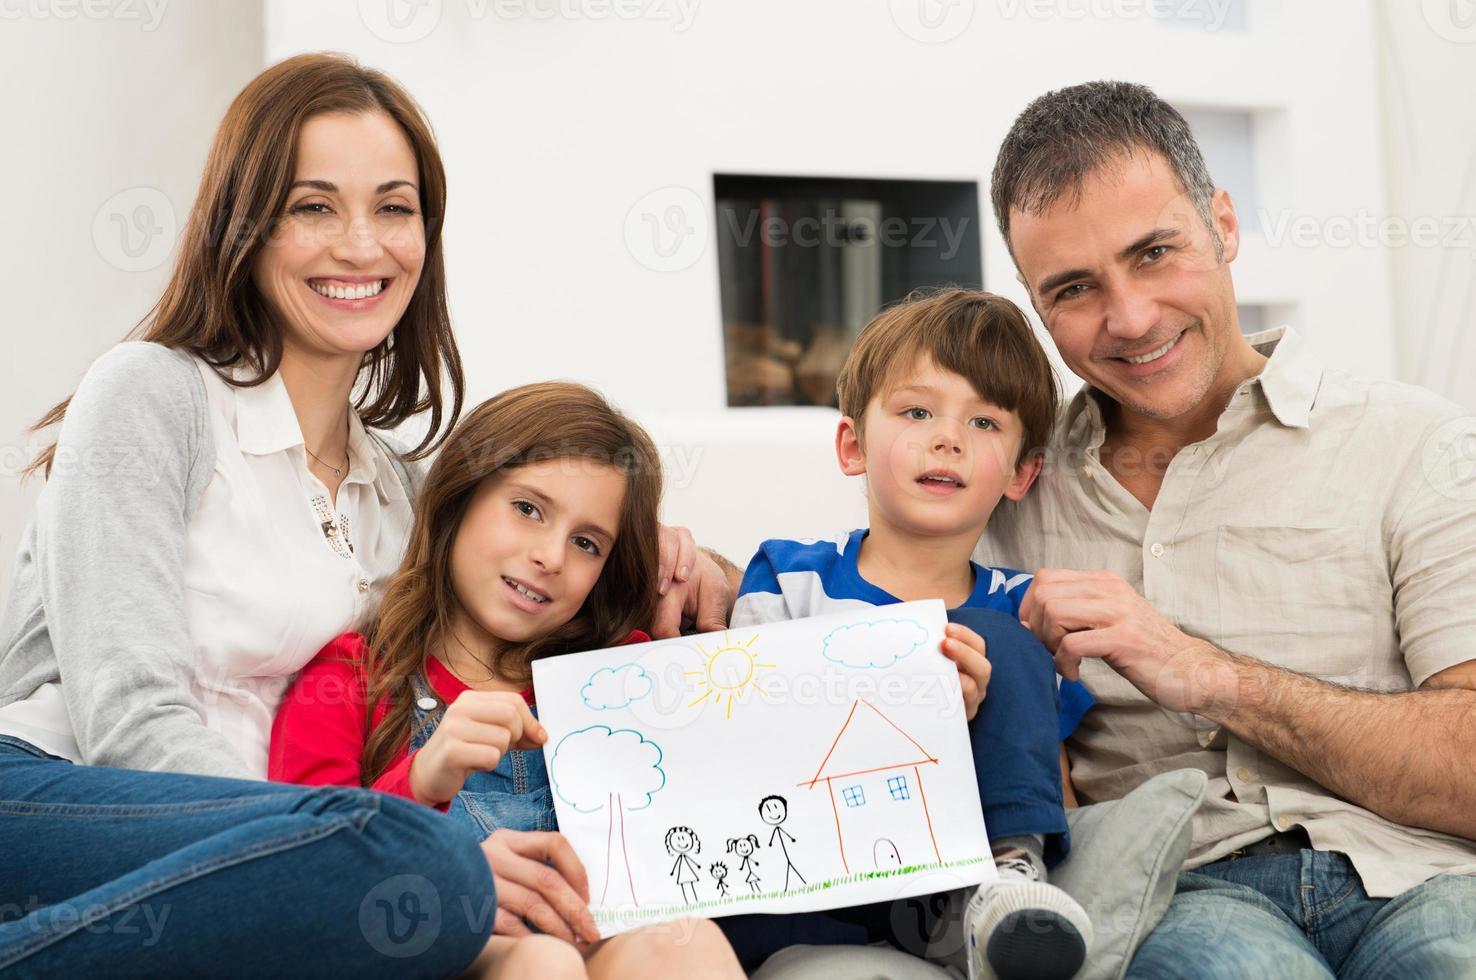 família com desenho de casa nova foto